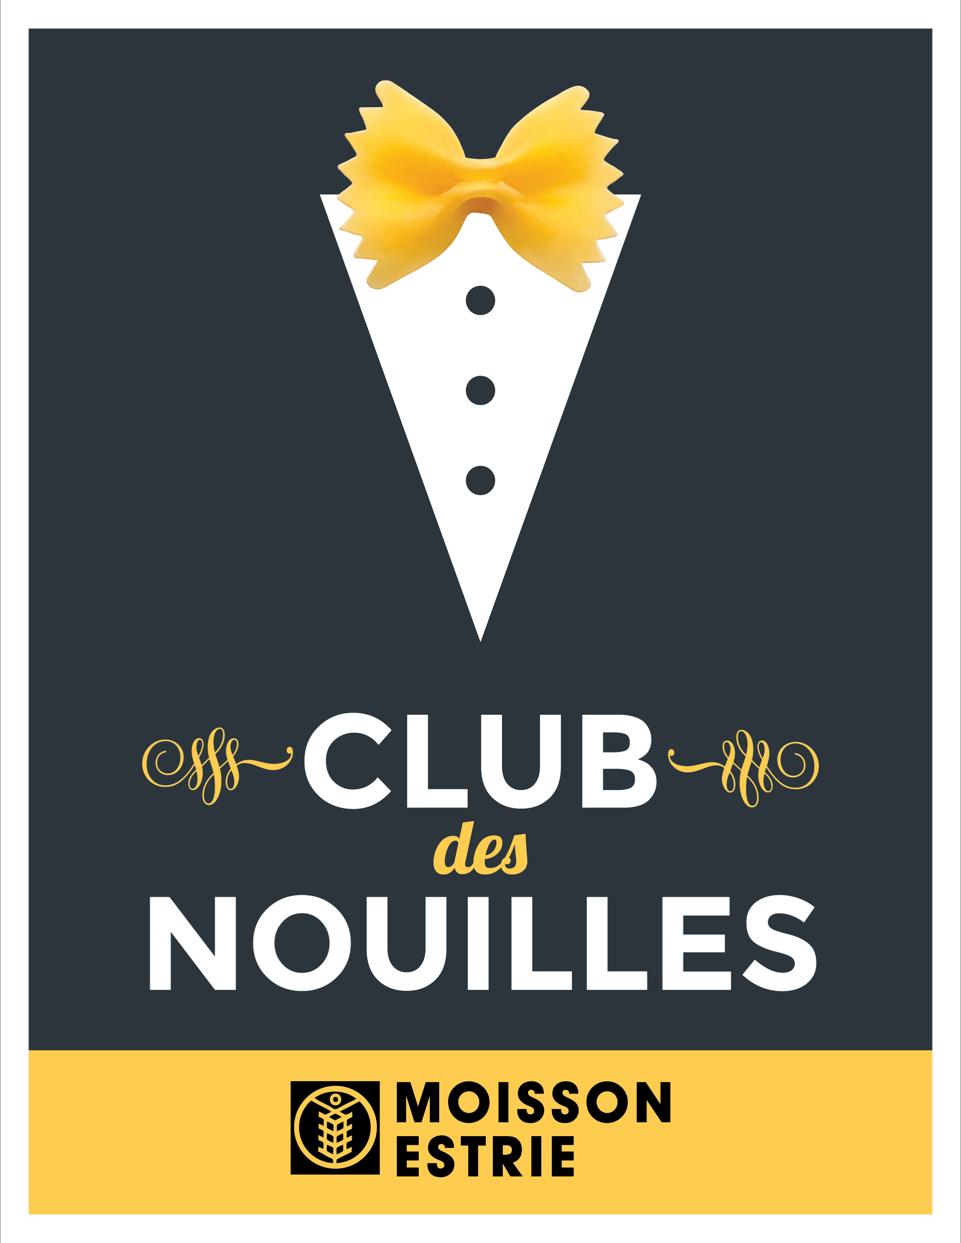 Devenez membre du Club des Nouilles!